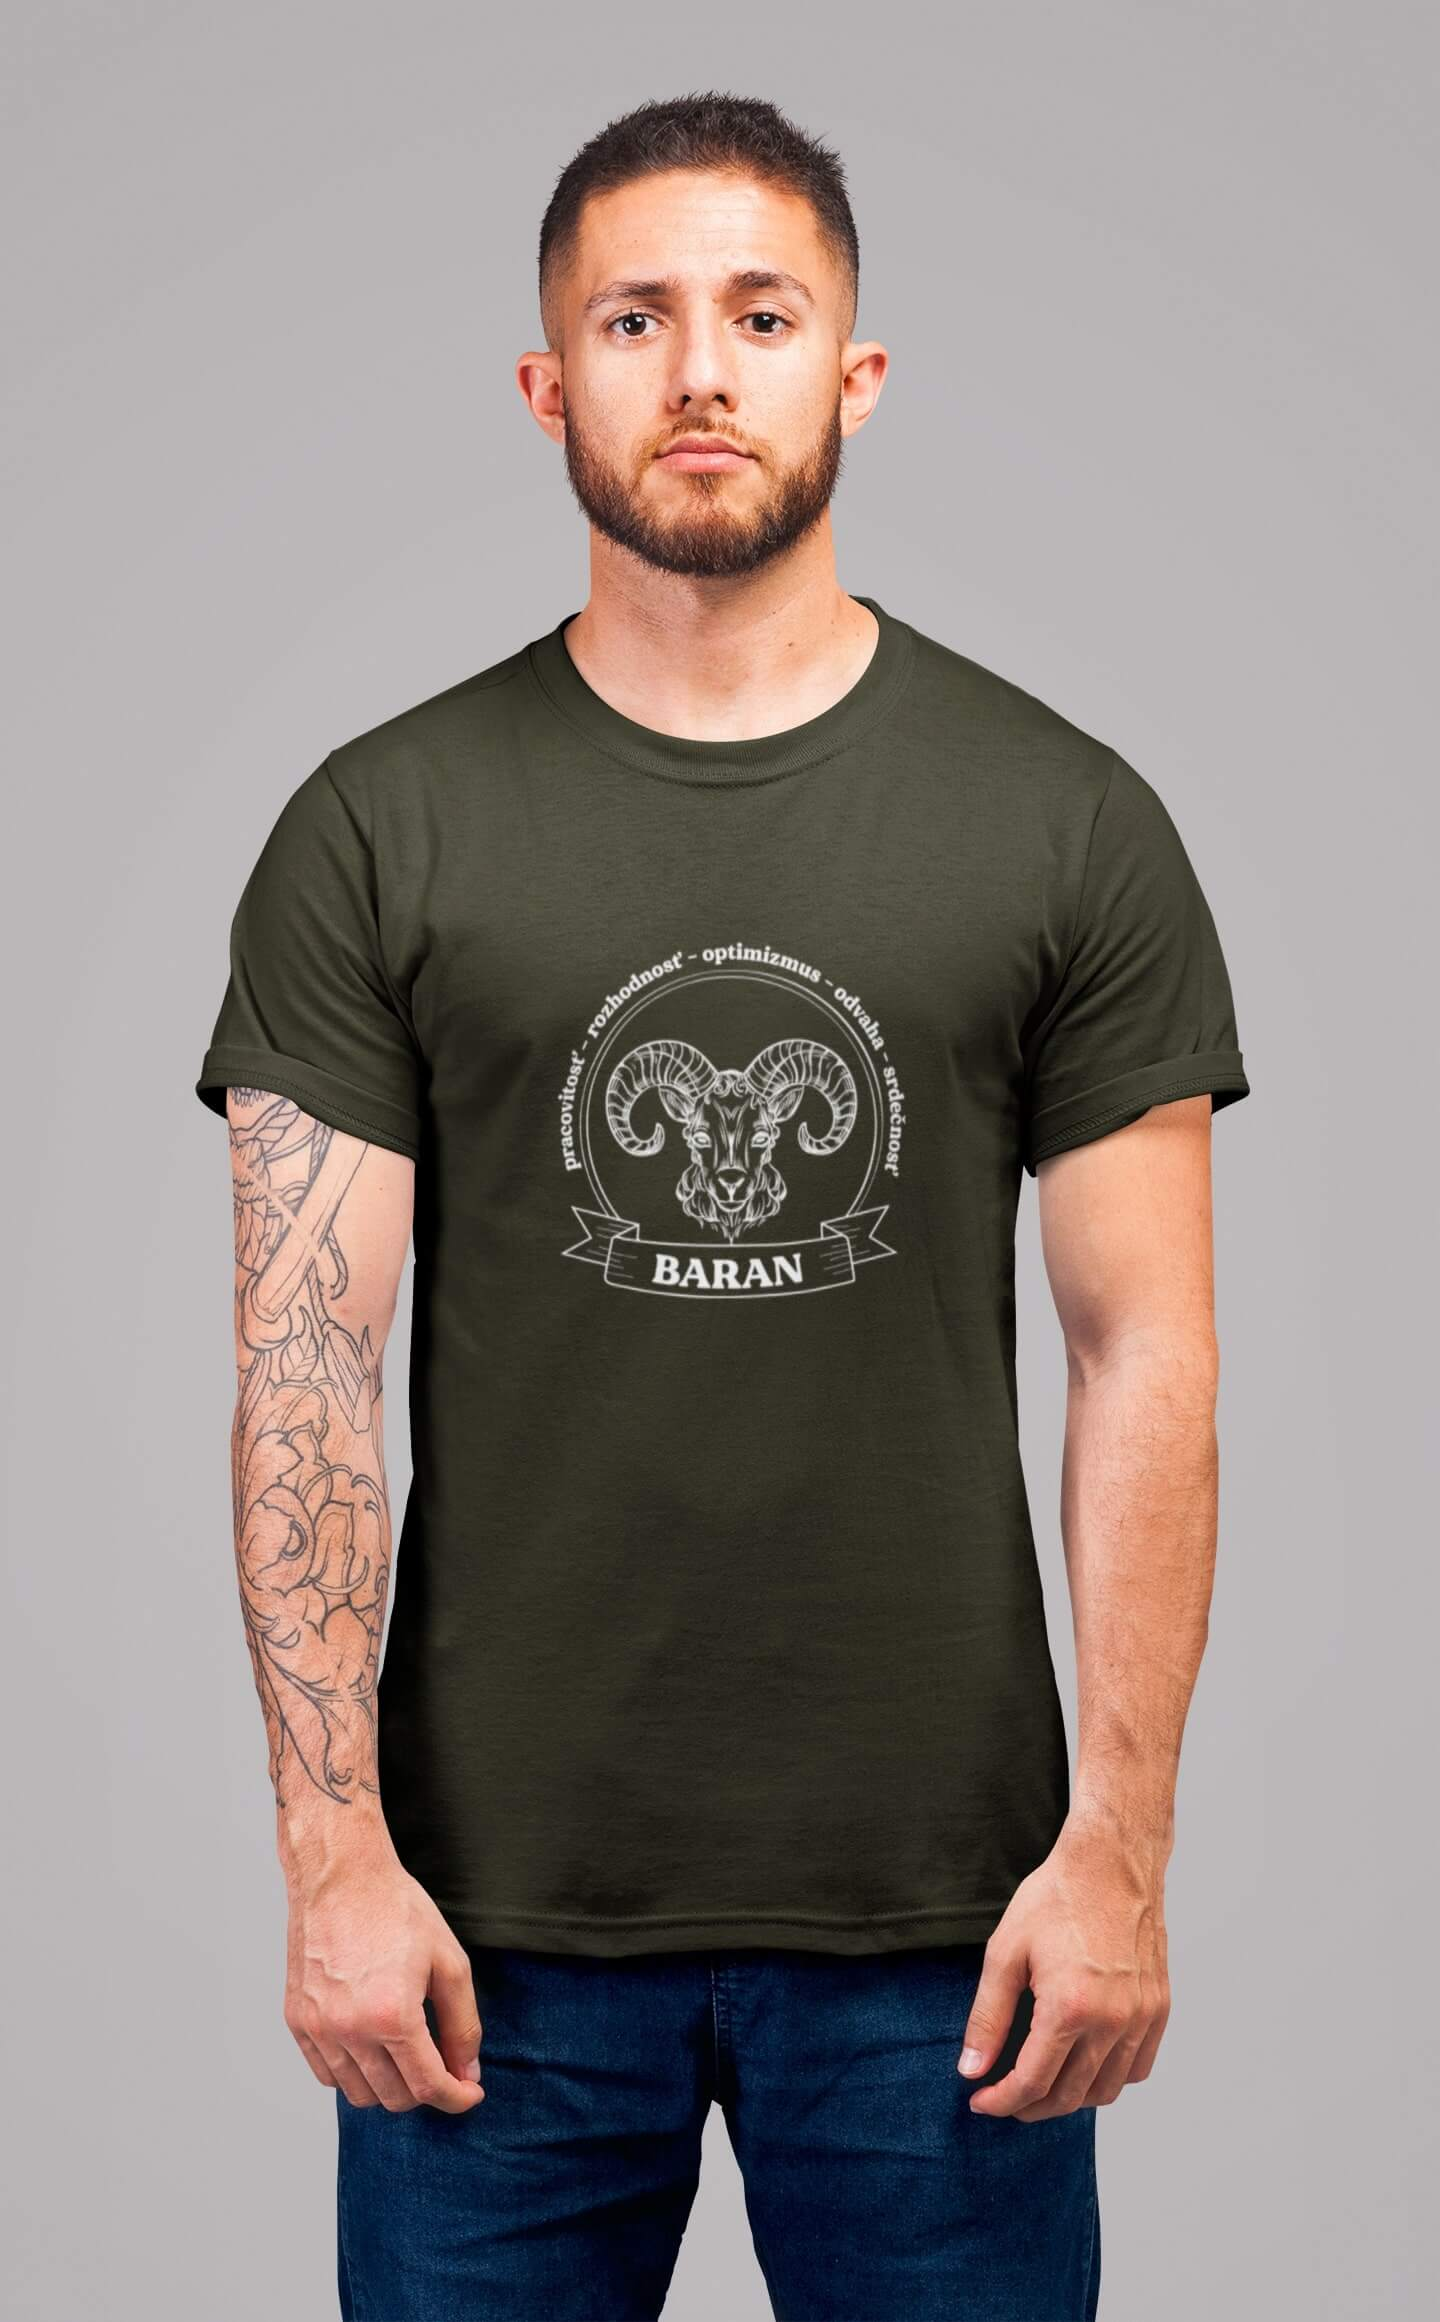 MMO Pánske tričko Baran Vyberte farbu: Military, Vyberte veľkosť: XS